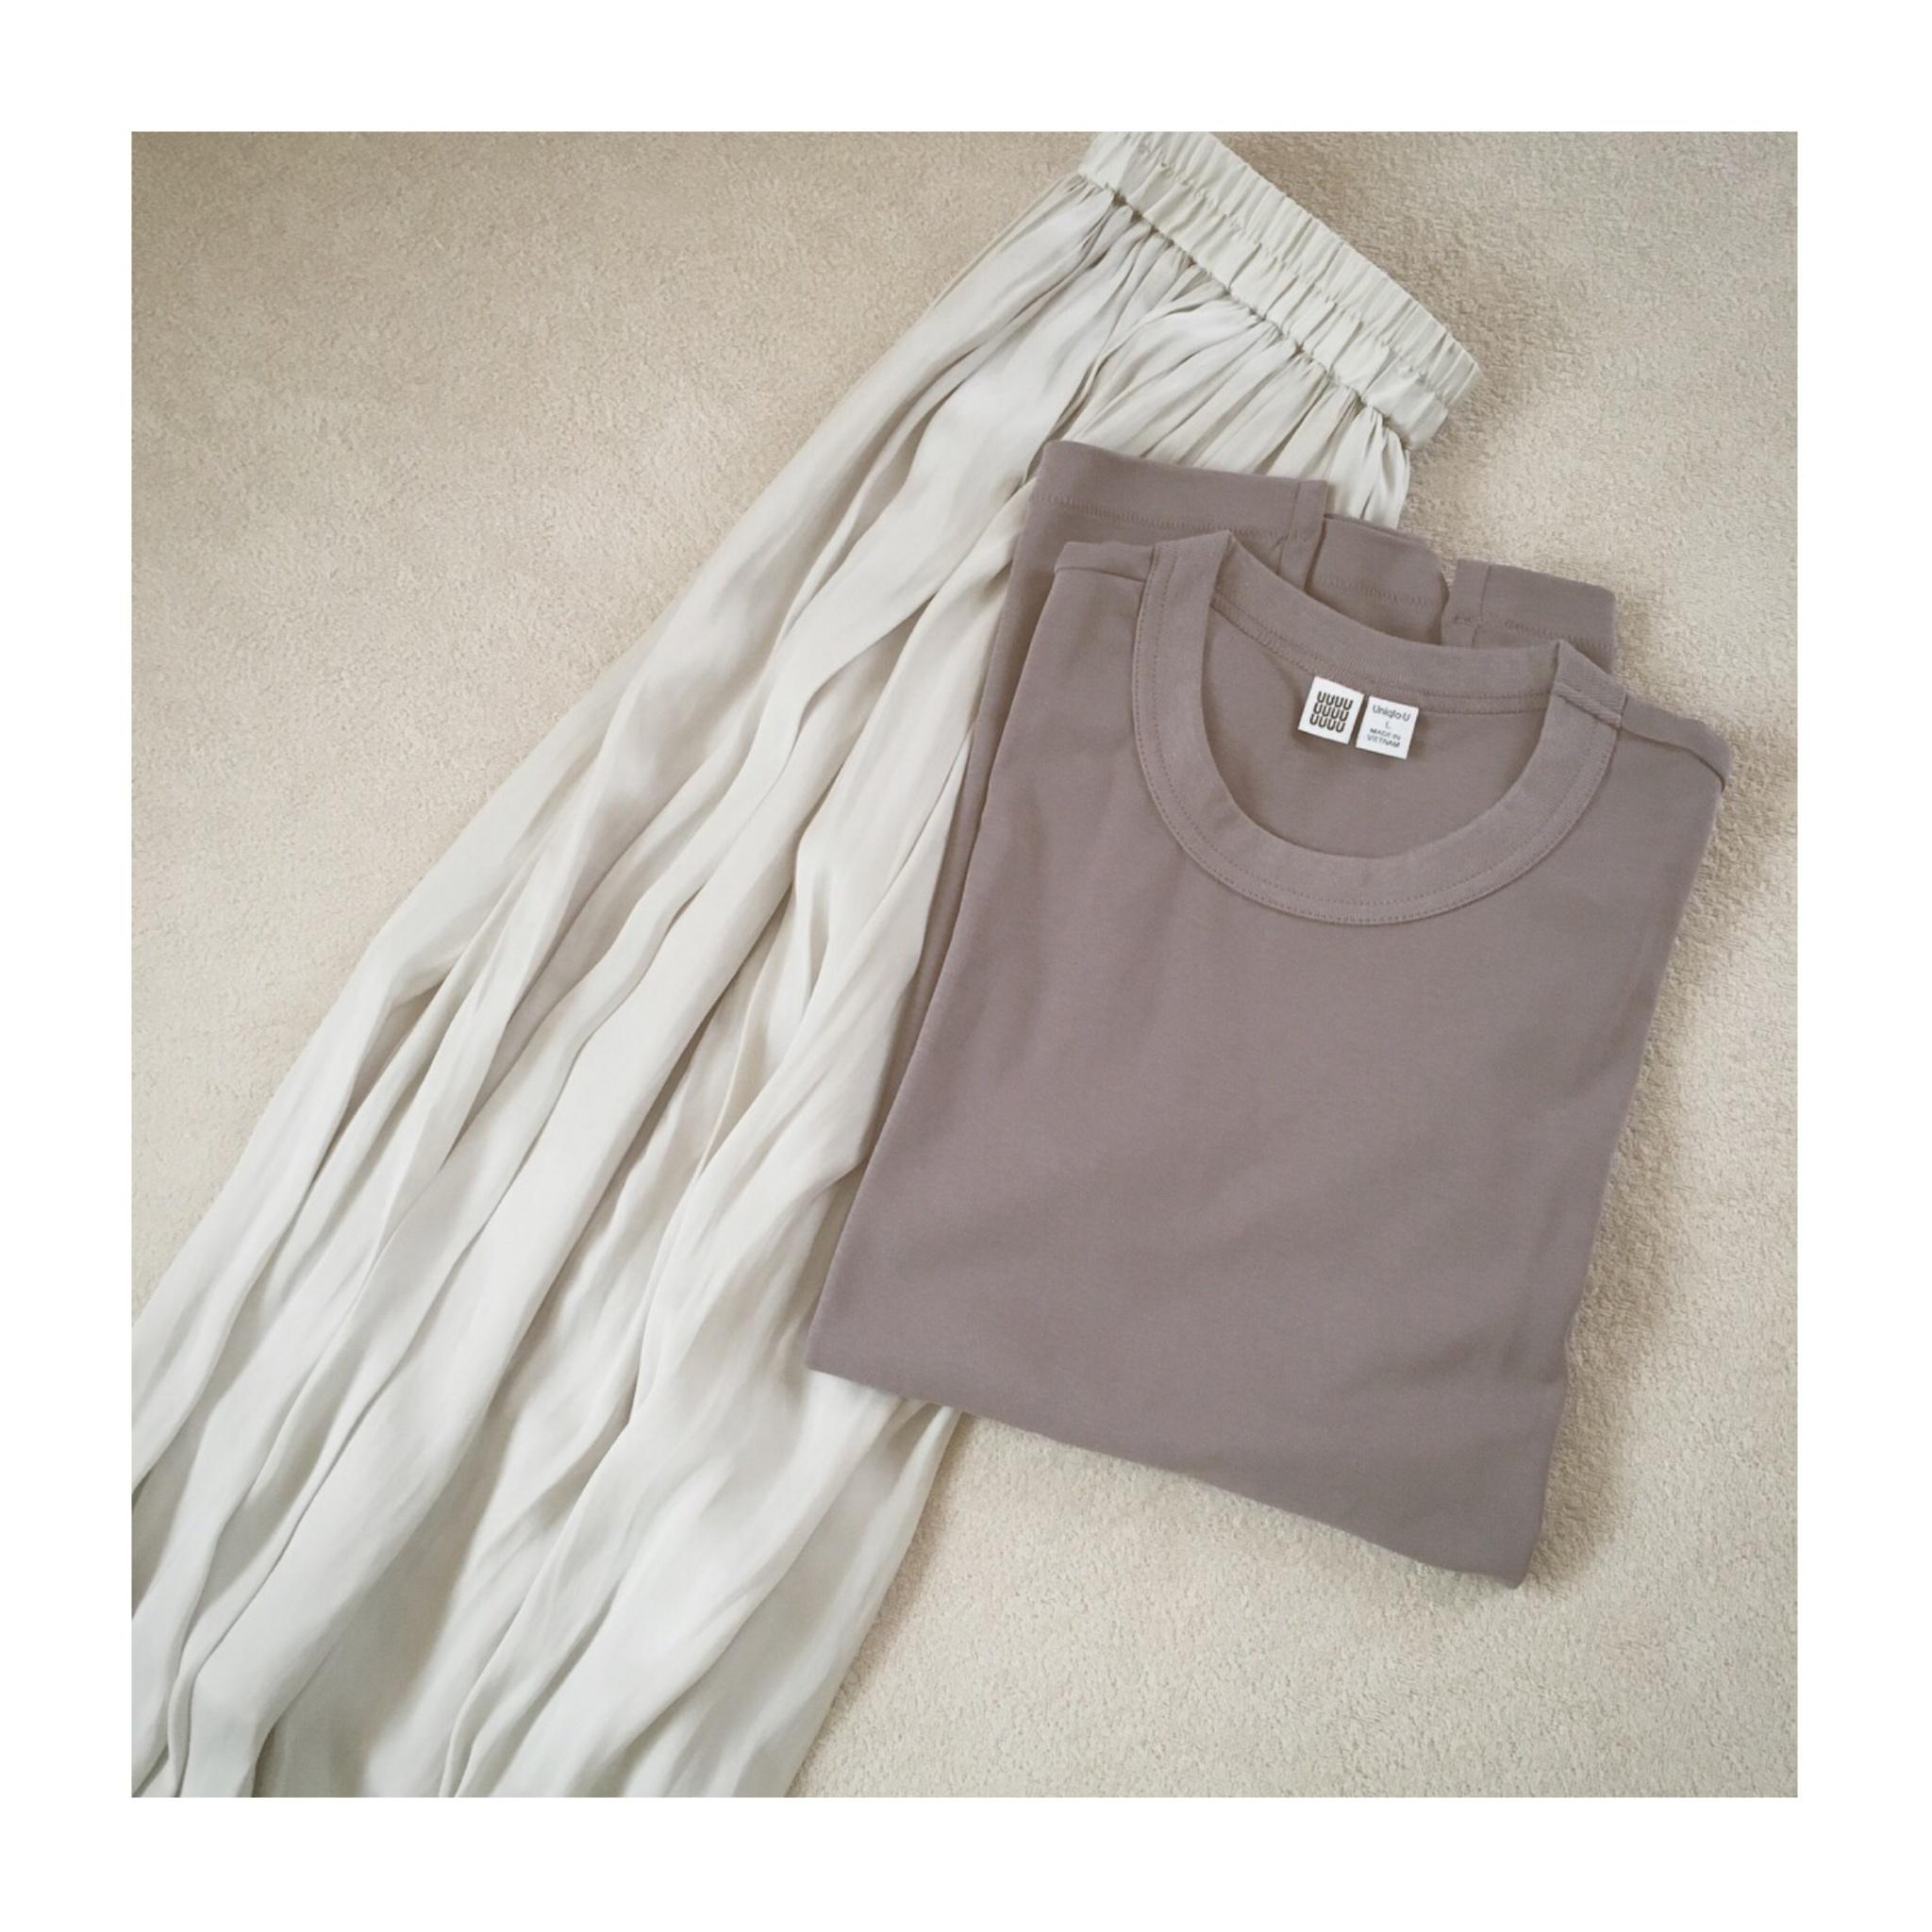 《まだまだ使える!》【Uniqlo U】の大人気¥1,000Tシャツ、いま買い足すなら秋カラーがおすすめ❤️_3